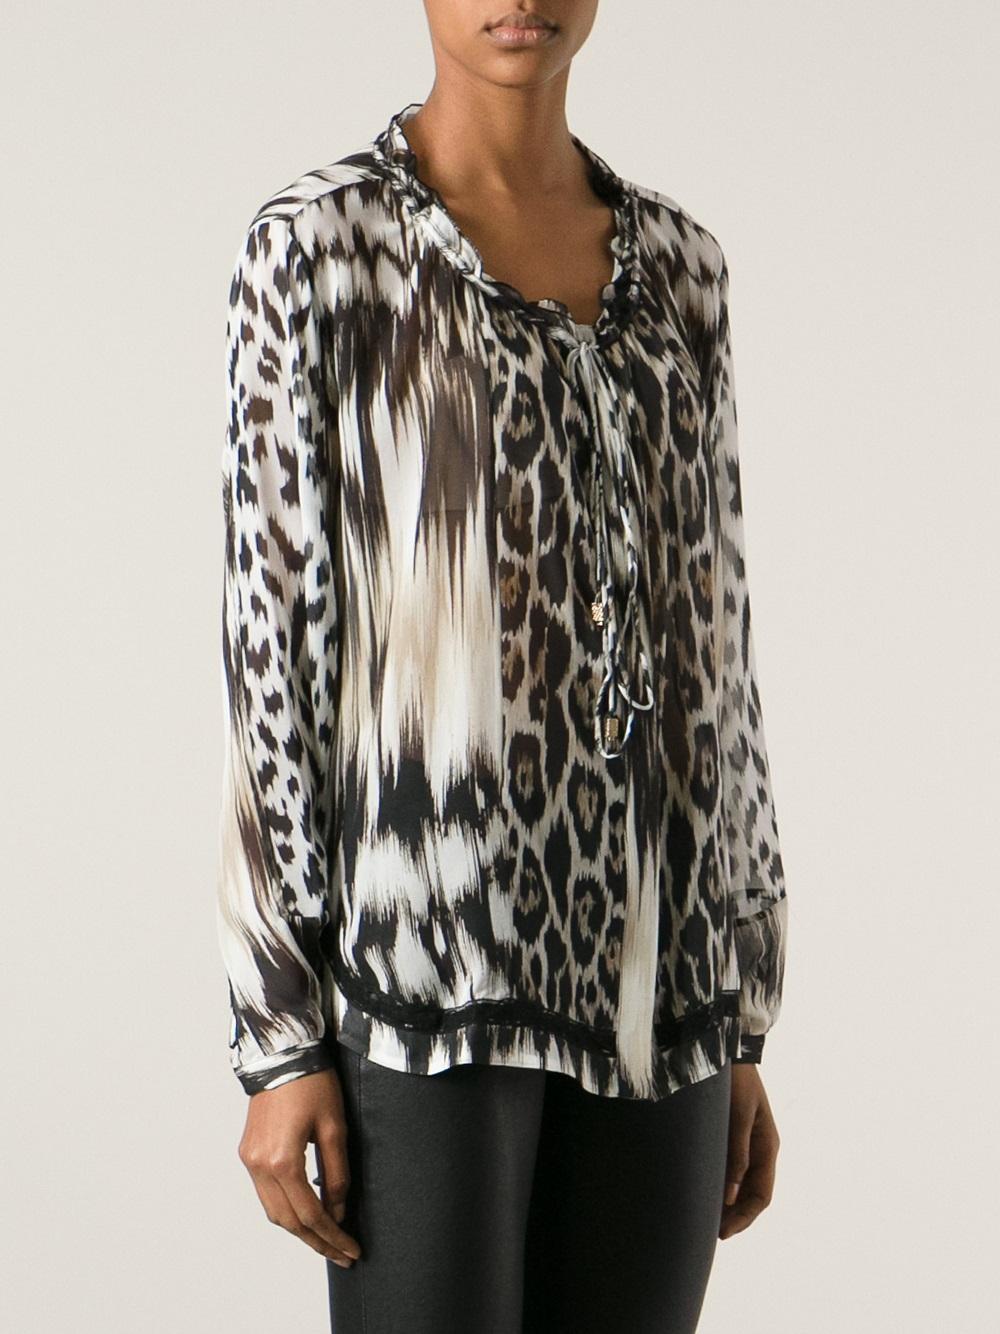 Purchase Discount New Arrival Roberto Cavalli leopard cowl neck blouse qM38VIO1qC